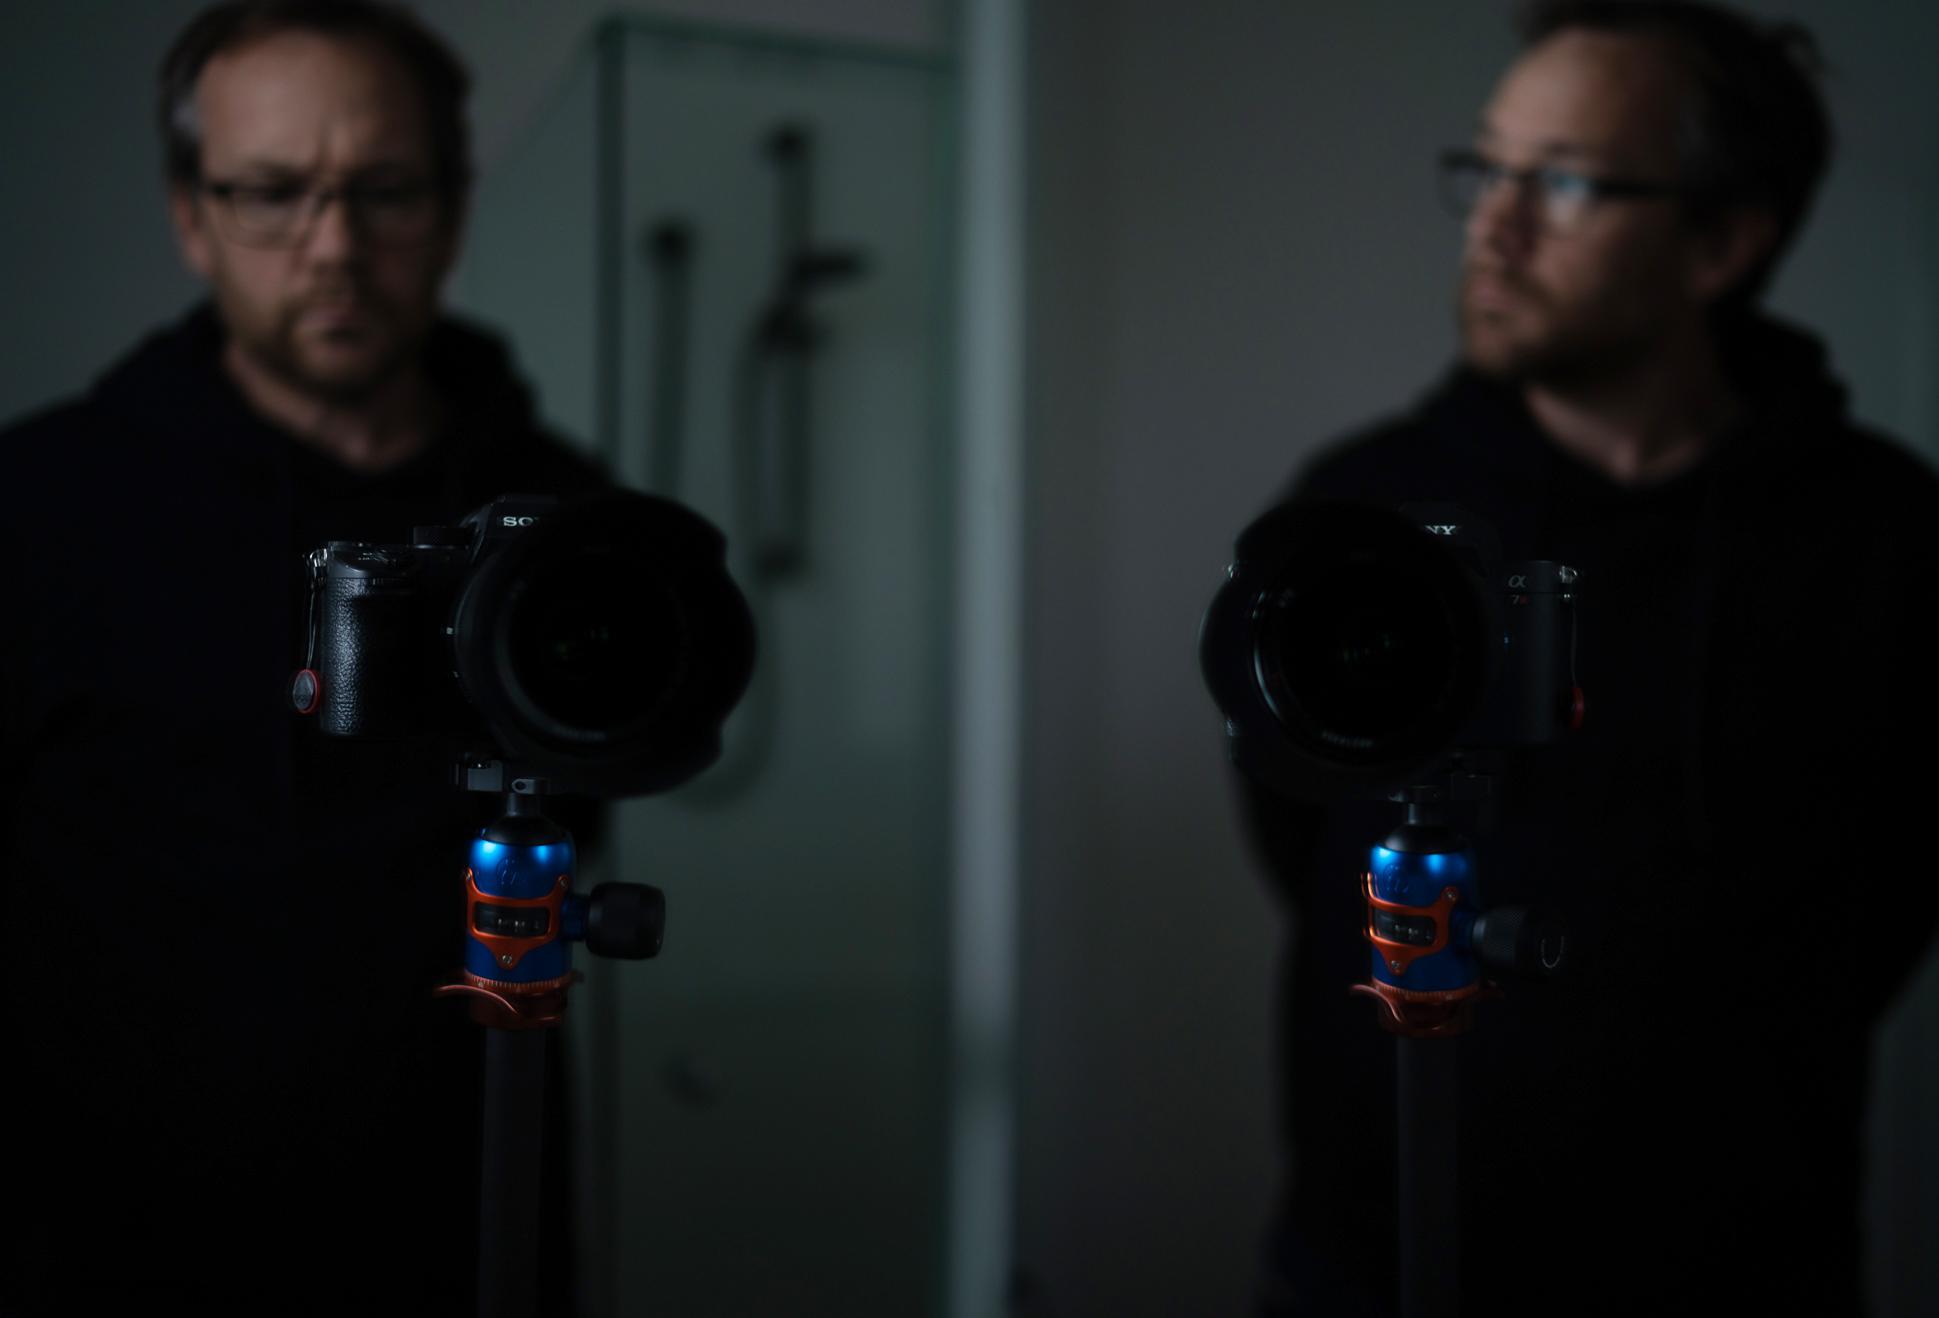 Mirror photography Simon Pollock Gtvone